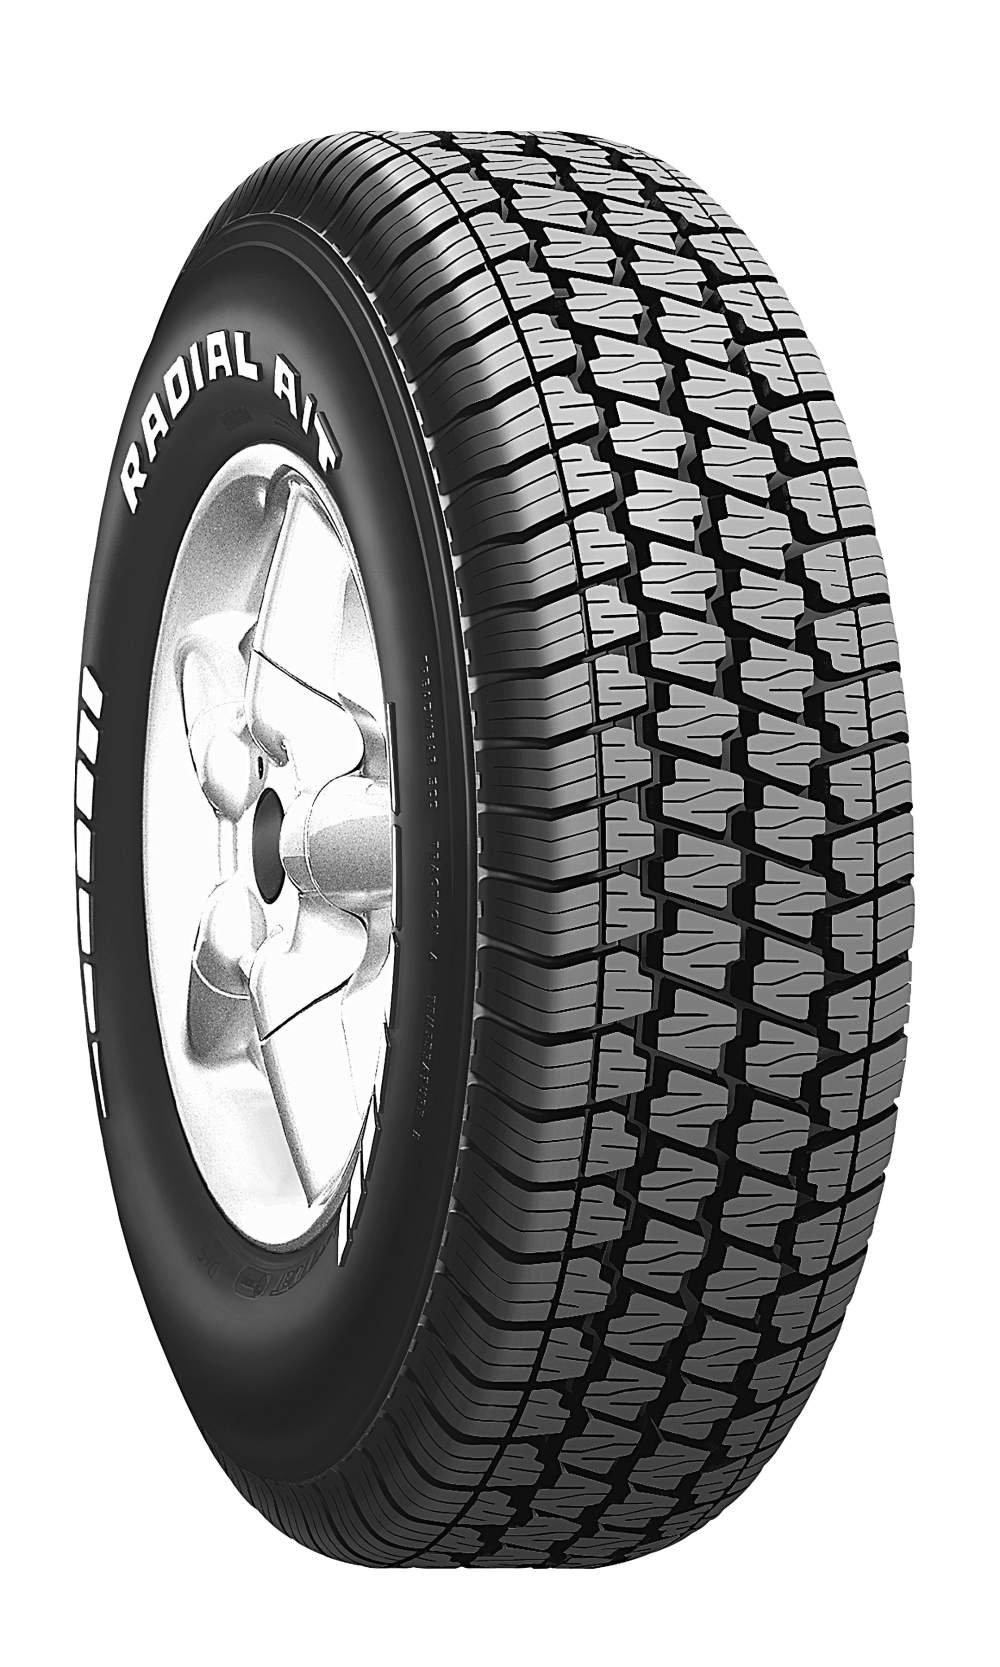 Neumático NEXEN A/T RV 255/70R15 108 H